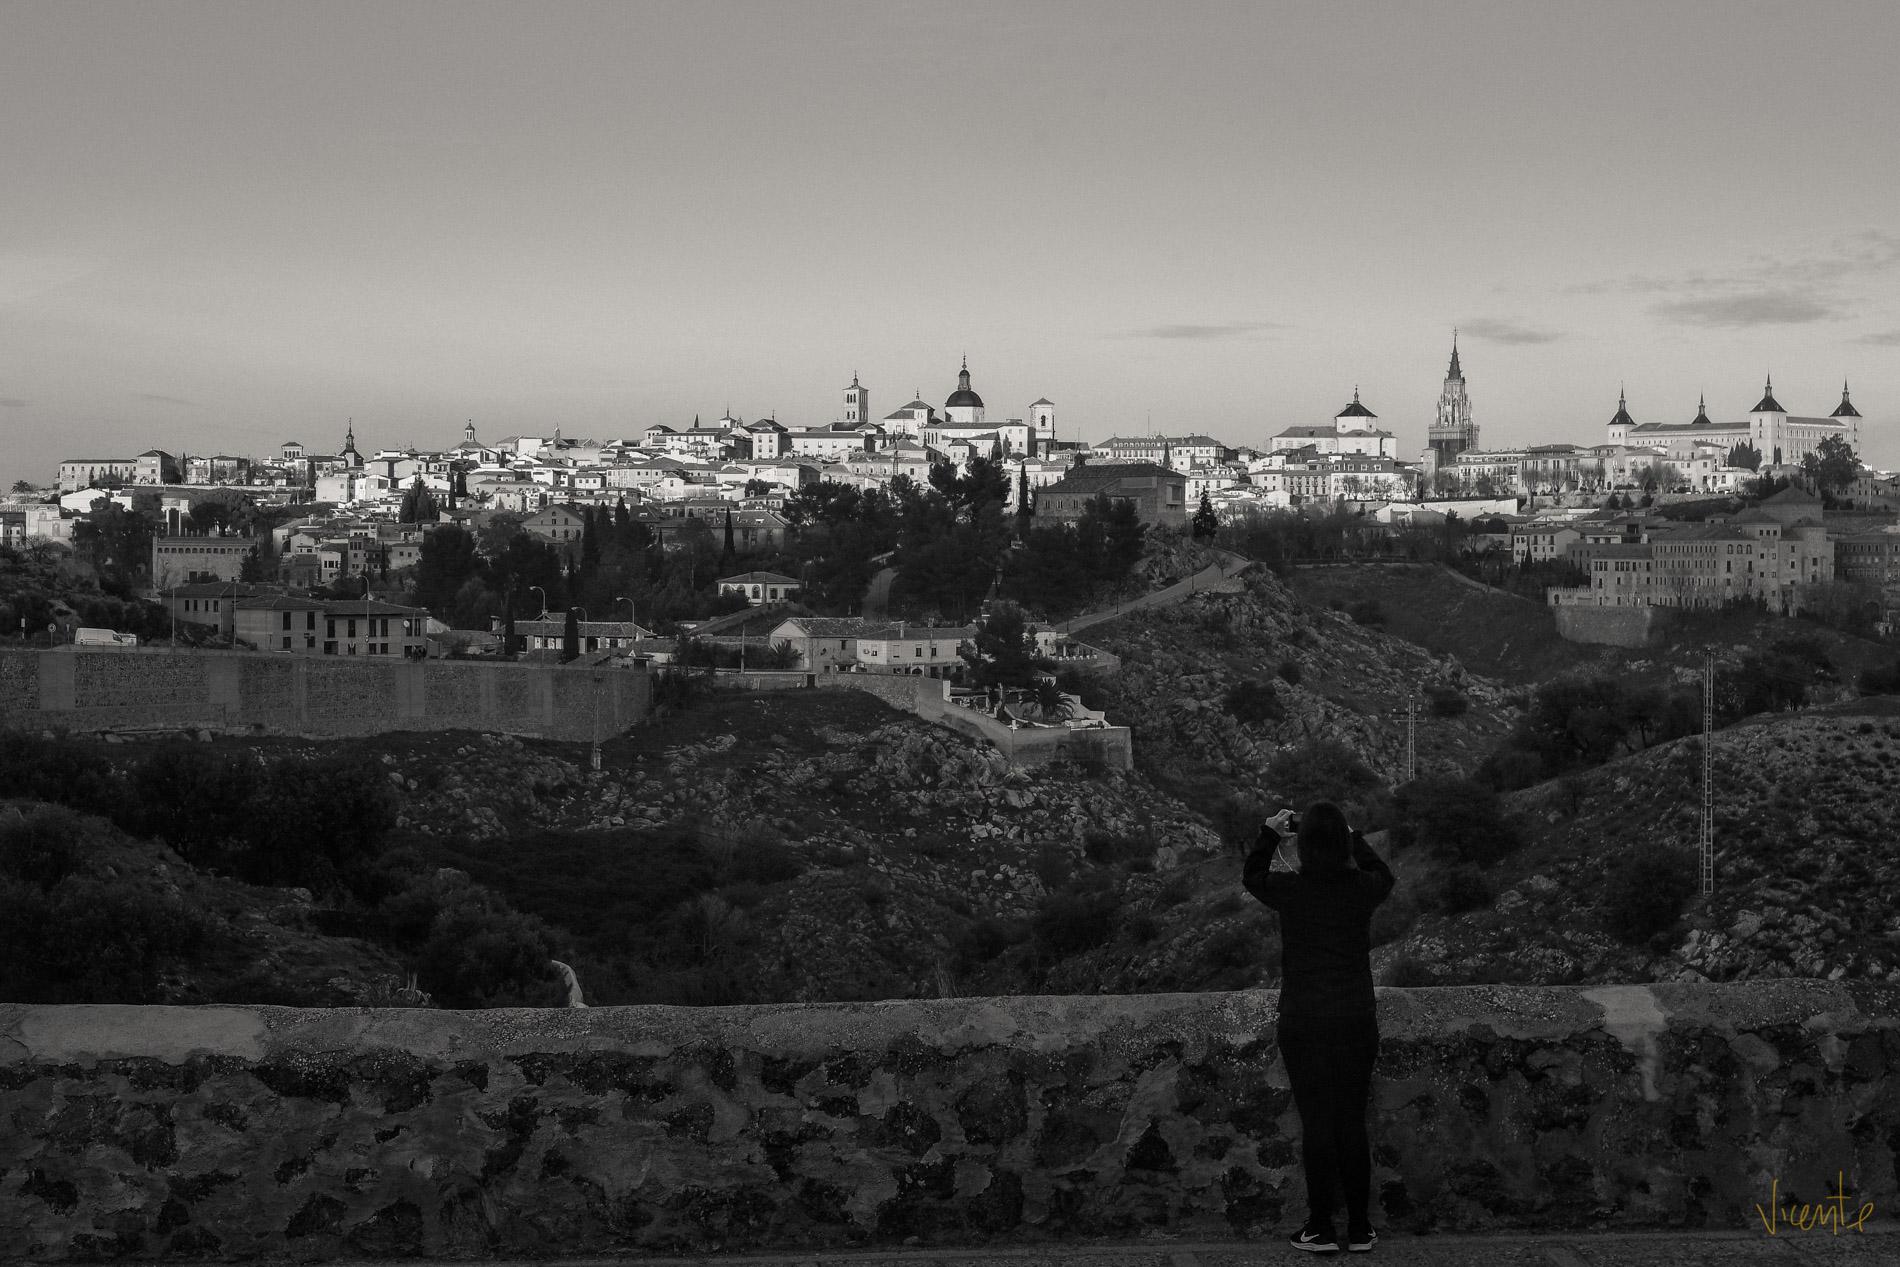 Atardecer en Toledo - Estudio Fotográfico Santabárbara, sesiones de estudio y reportajes fotográficos